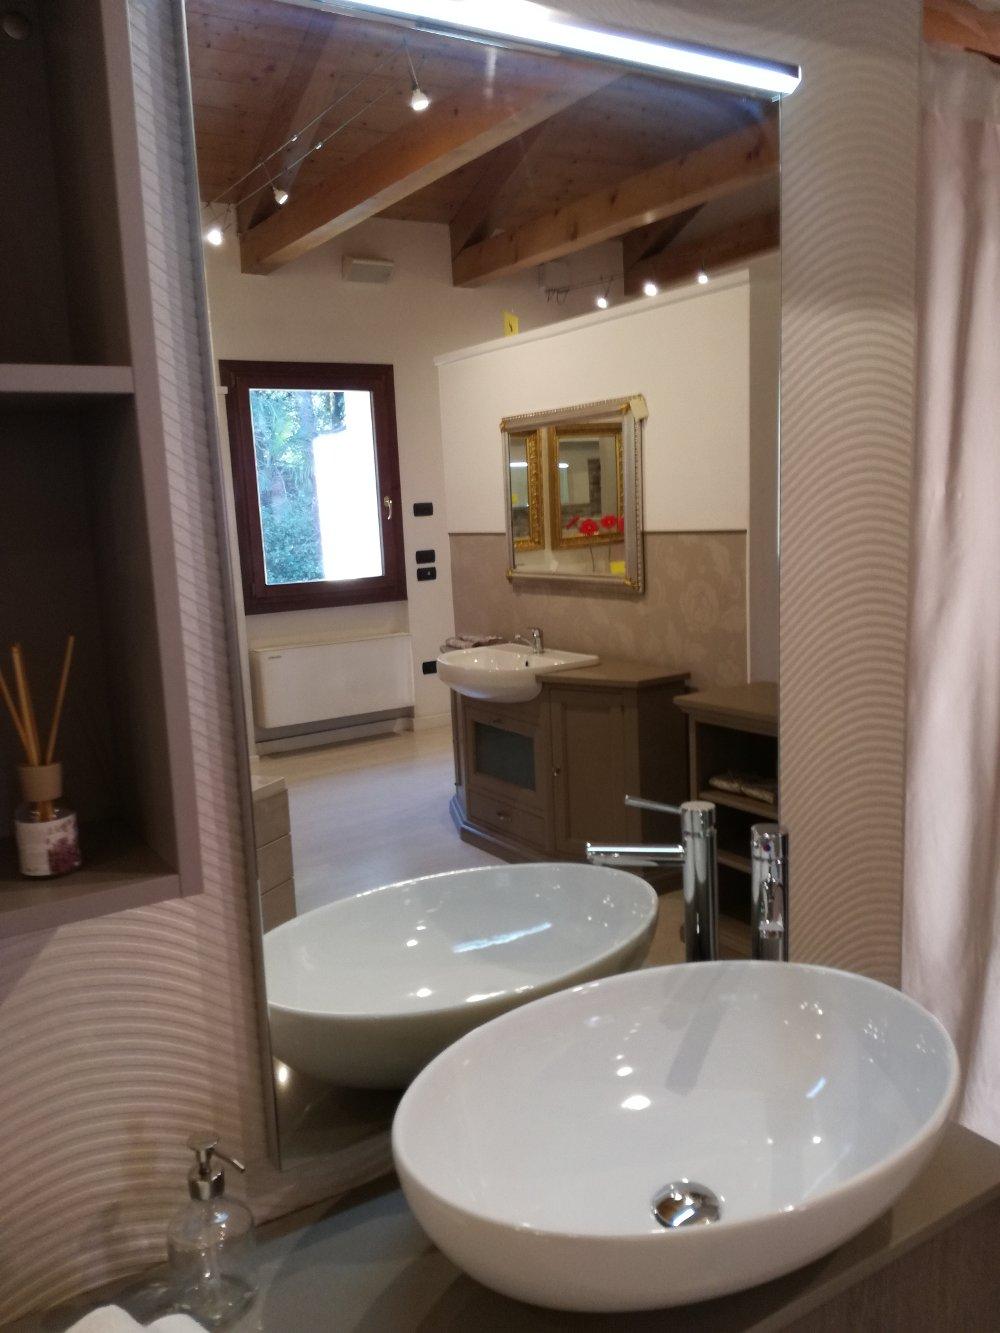 Bagno moderno kondor effetto legno - Specchiera bagno legno ...